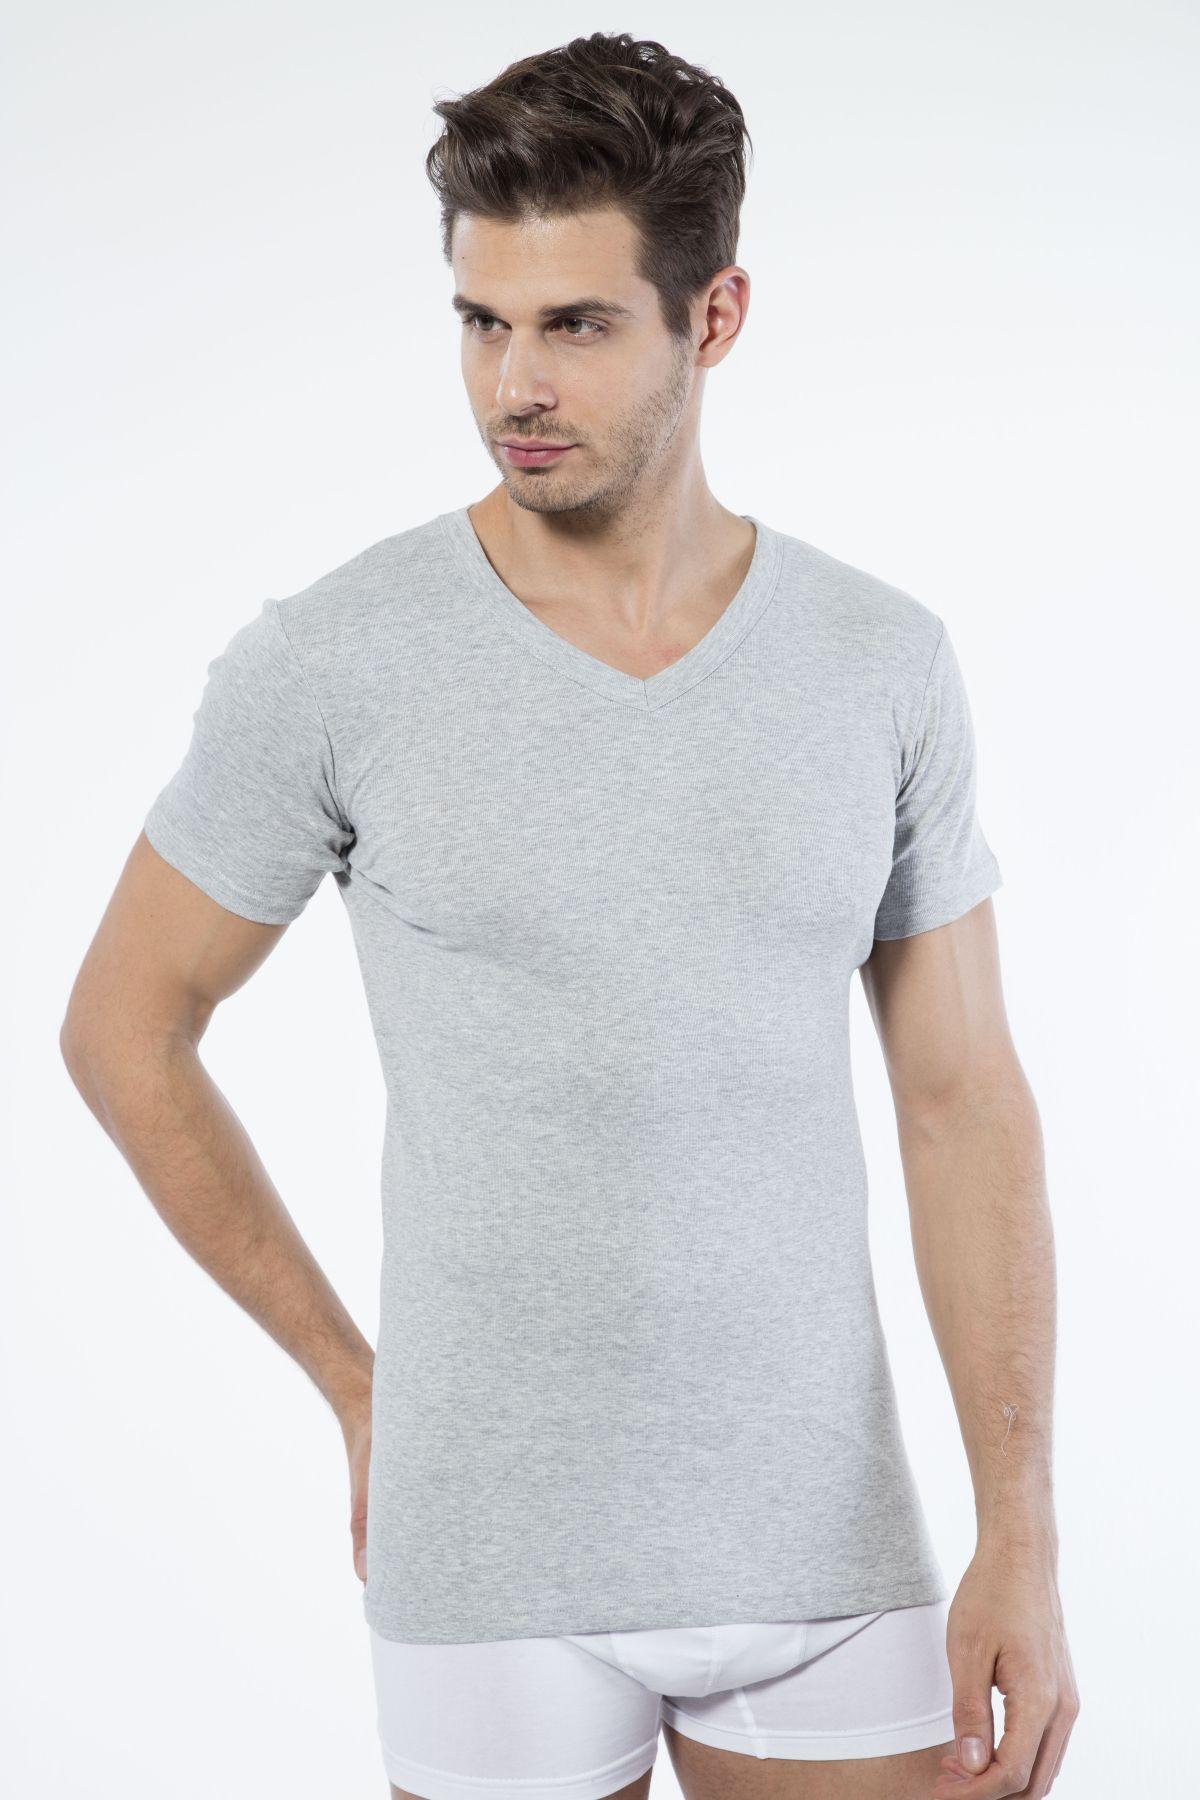 Gri Pamuklu V Yaka Kısa Kol T-Shirt